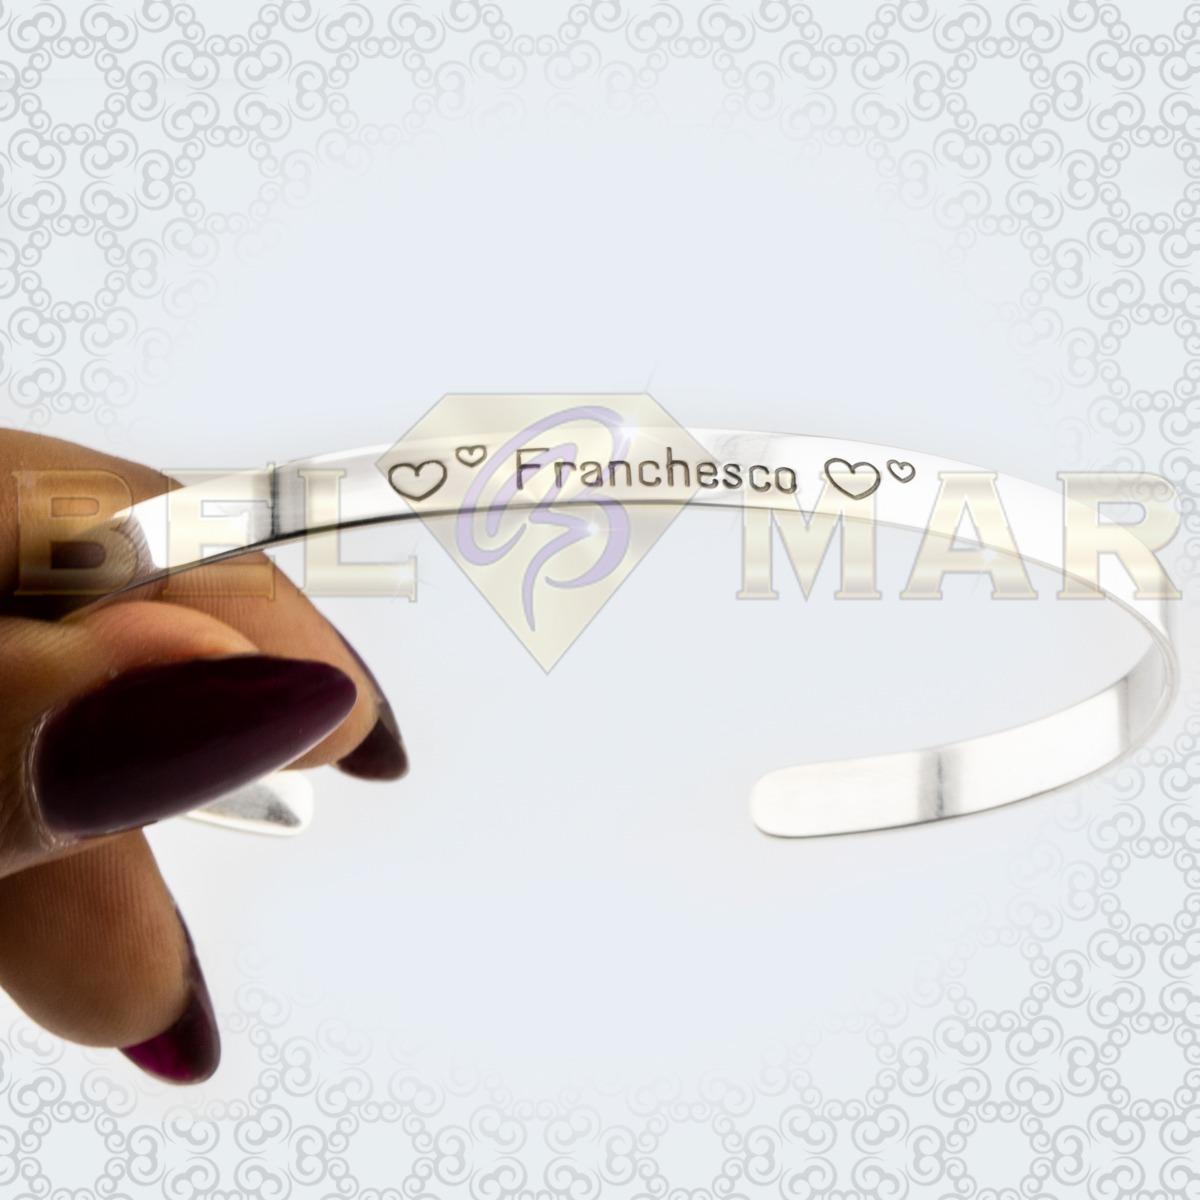 7d952c97a4aa pulsera media esclava 5mm plata 925 ideal para grabar nombre. Cargando zoom.